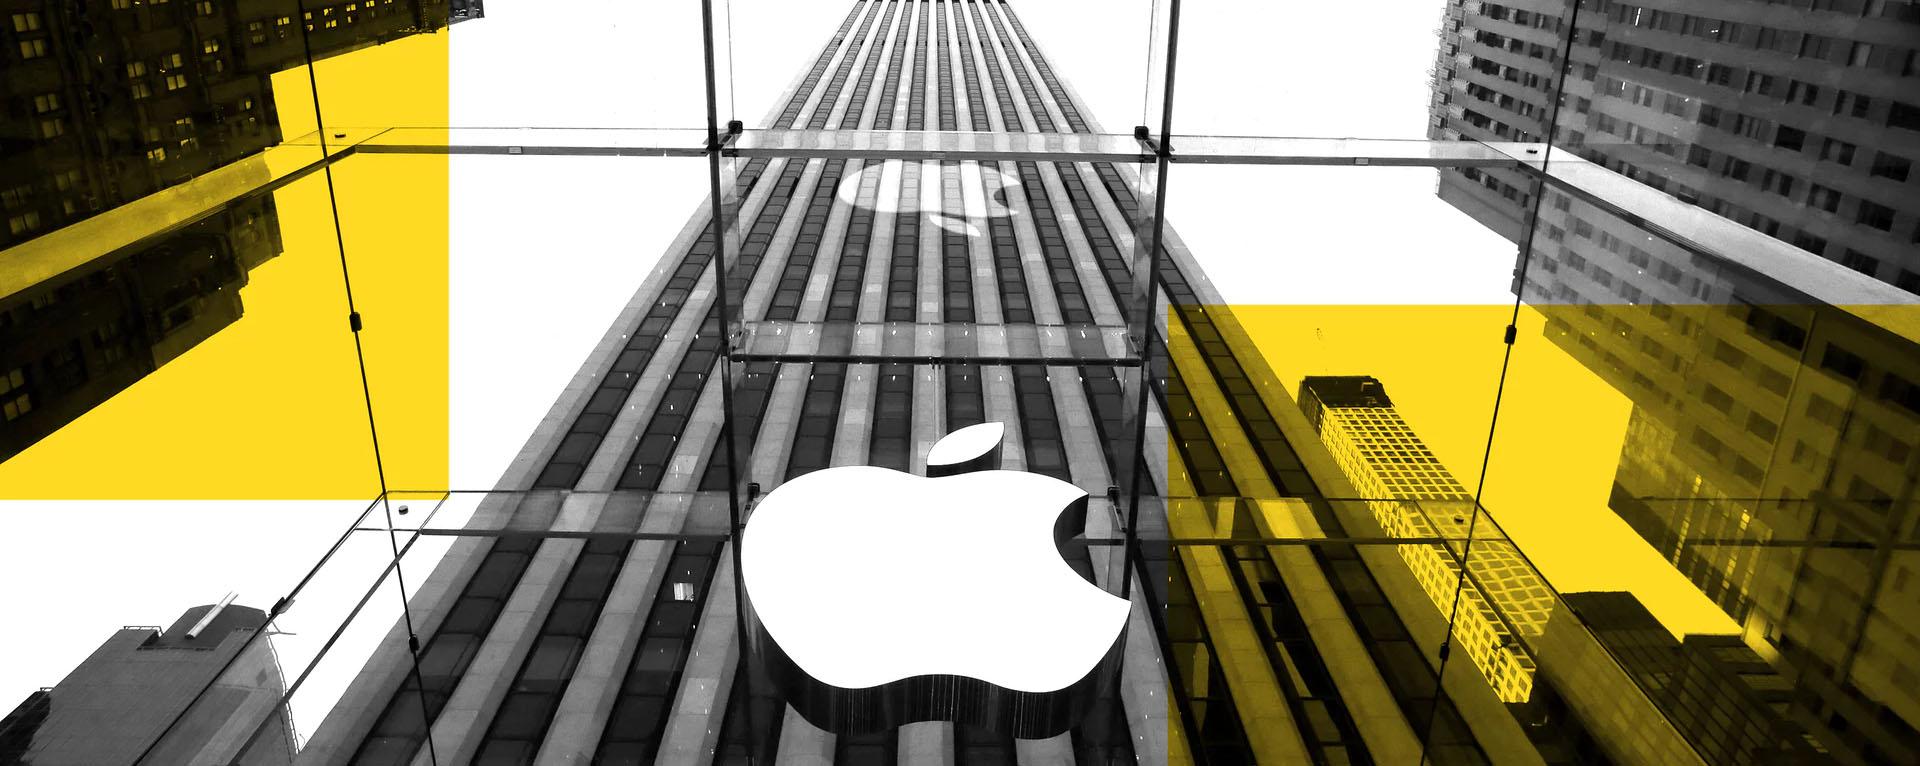 3 năm qua, Apple đã trốn hàng chục tỷ USD tiền thuế. Họ làm điều đó như thế nào?